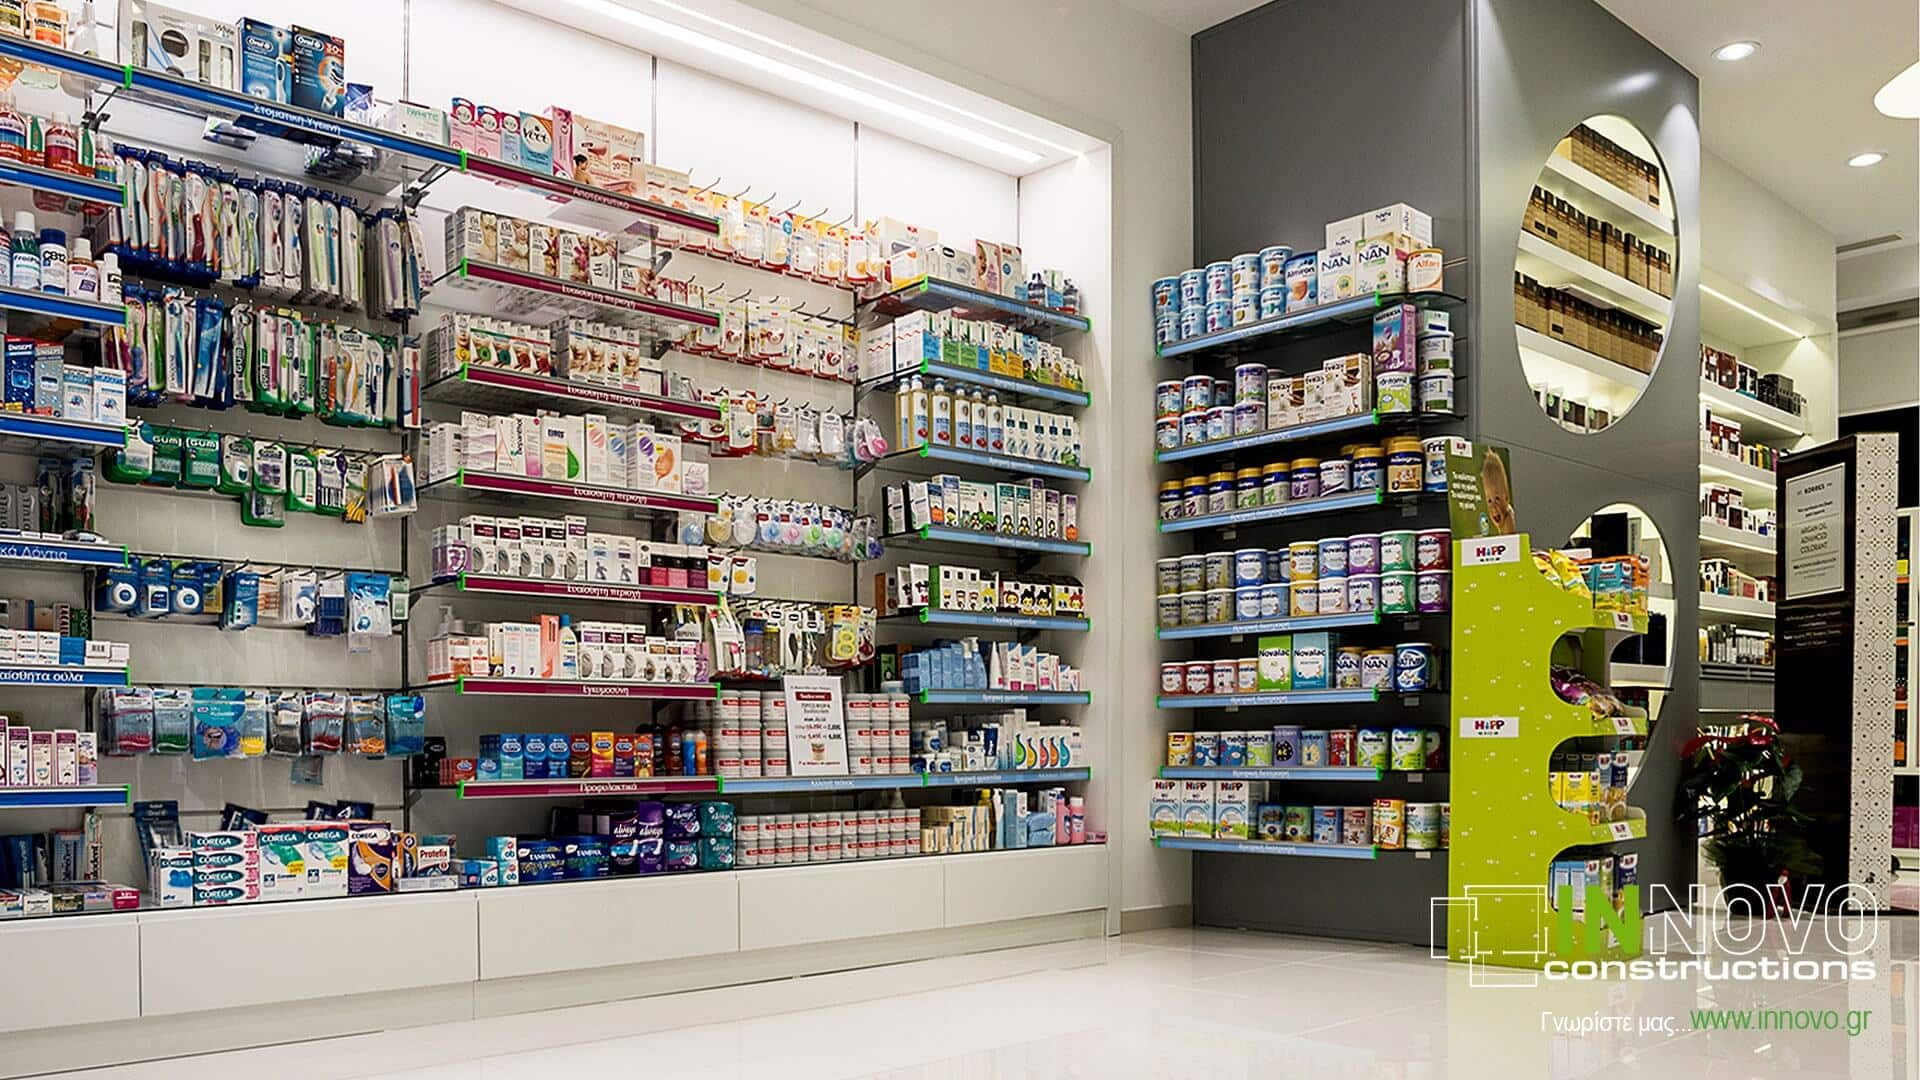 Ανακαίνιση Φαρμακείου στη Νέα Ερυθραία